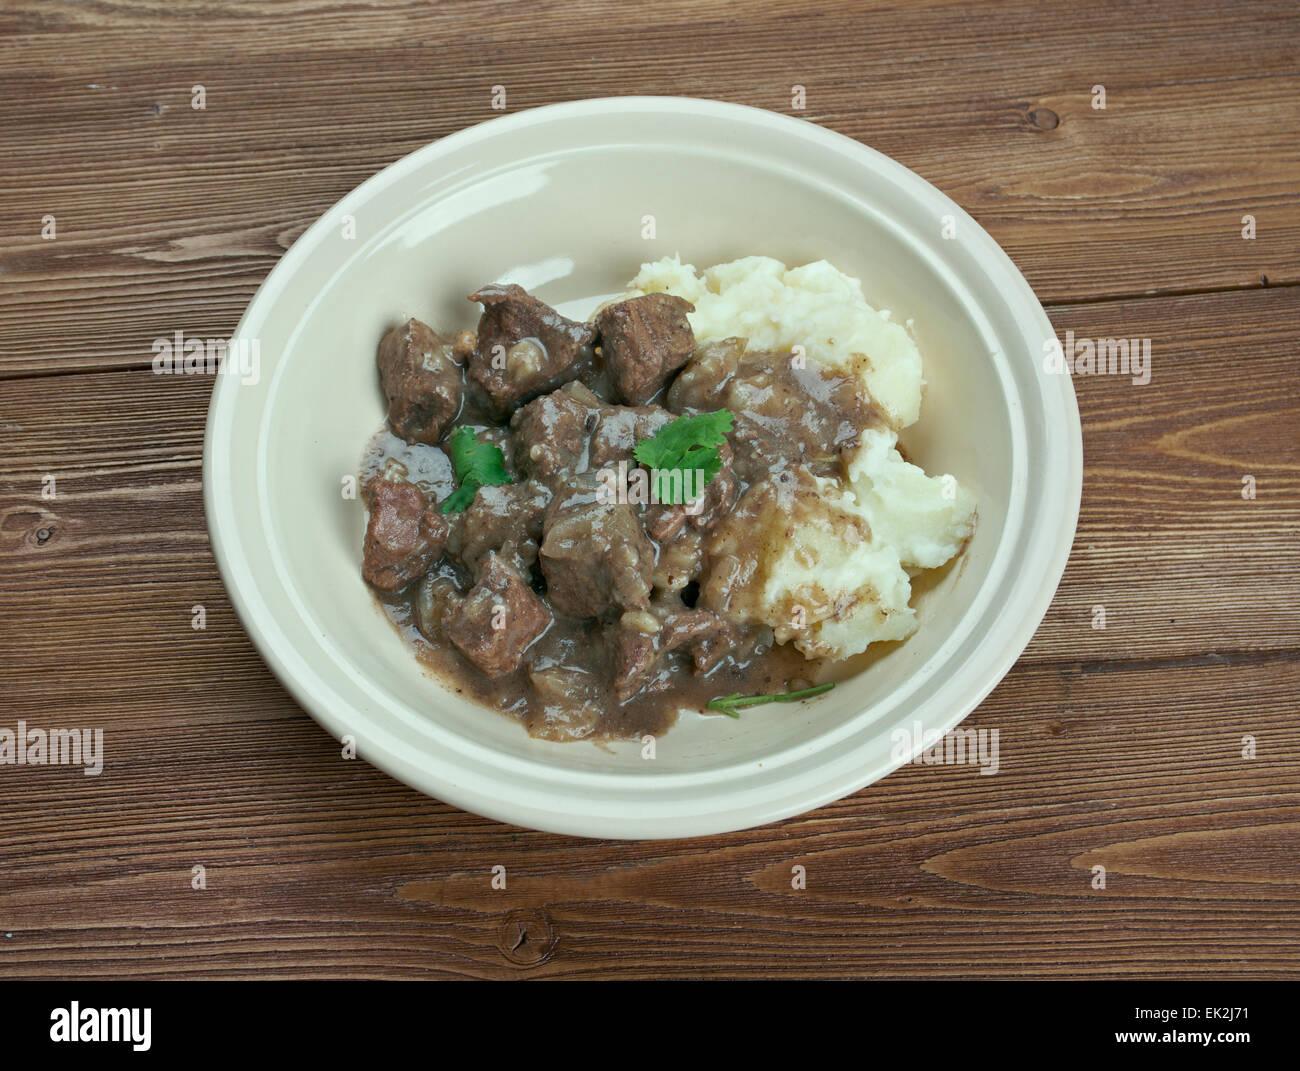 - Boeuf Hachee néerlandais et oignon ragoût. ragoût traditionnel néerlandais basé sur les dés de viande, volaille ou de poisson, et des légumes. Banque D'Images